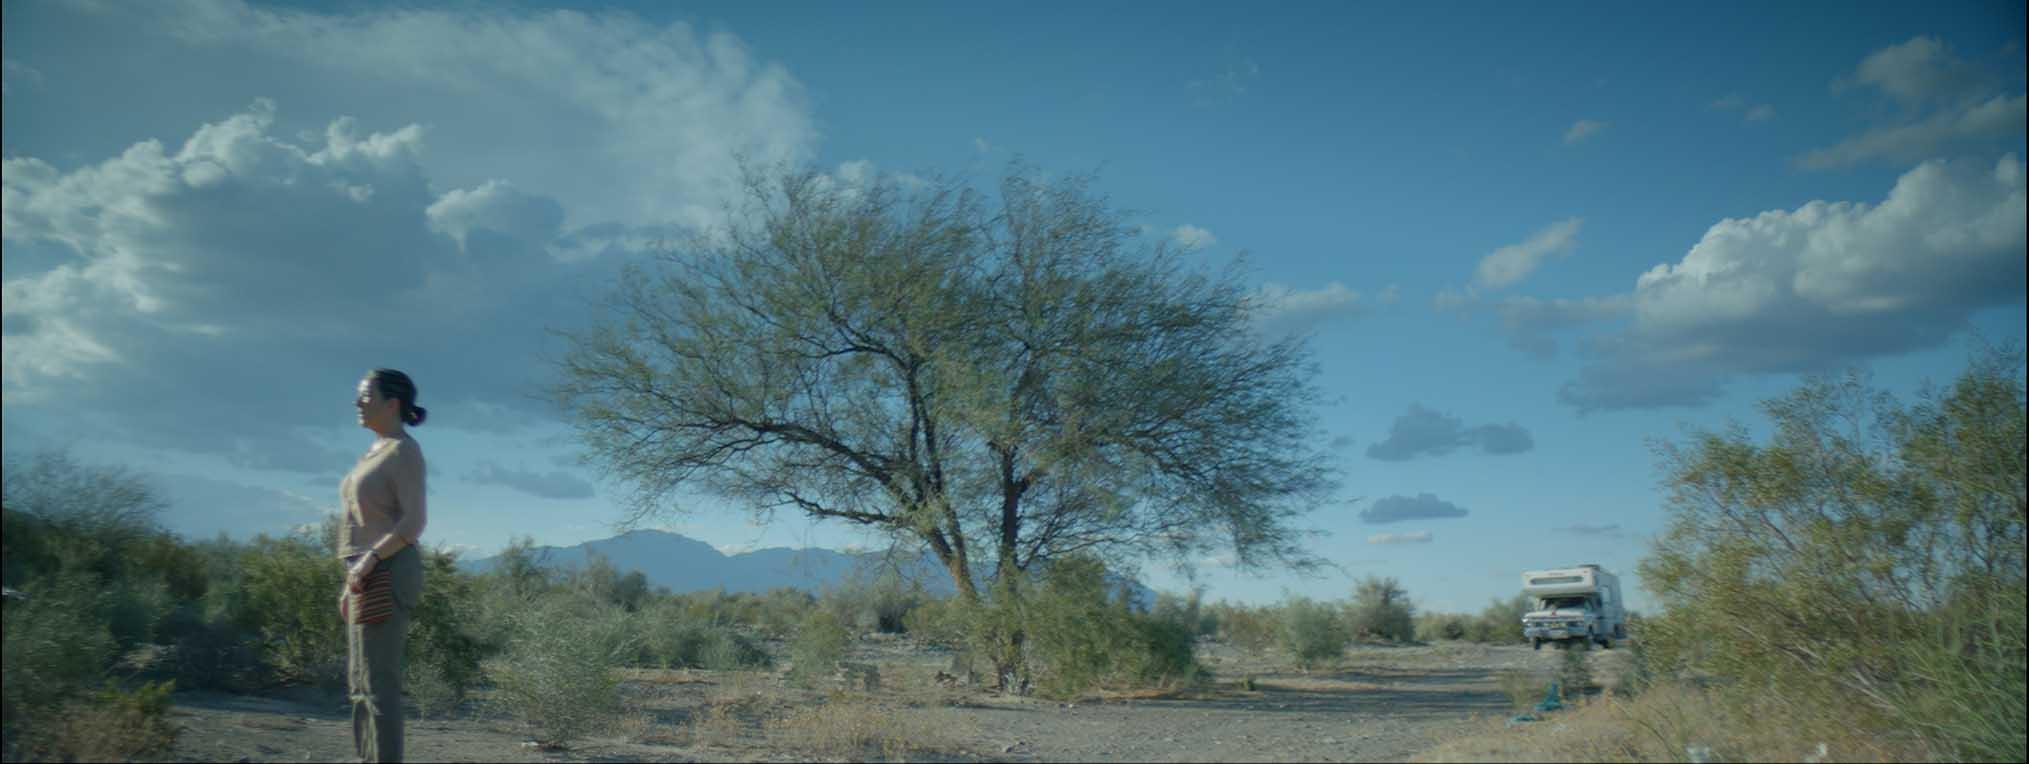 une femme au milieu d'un paysage aride